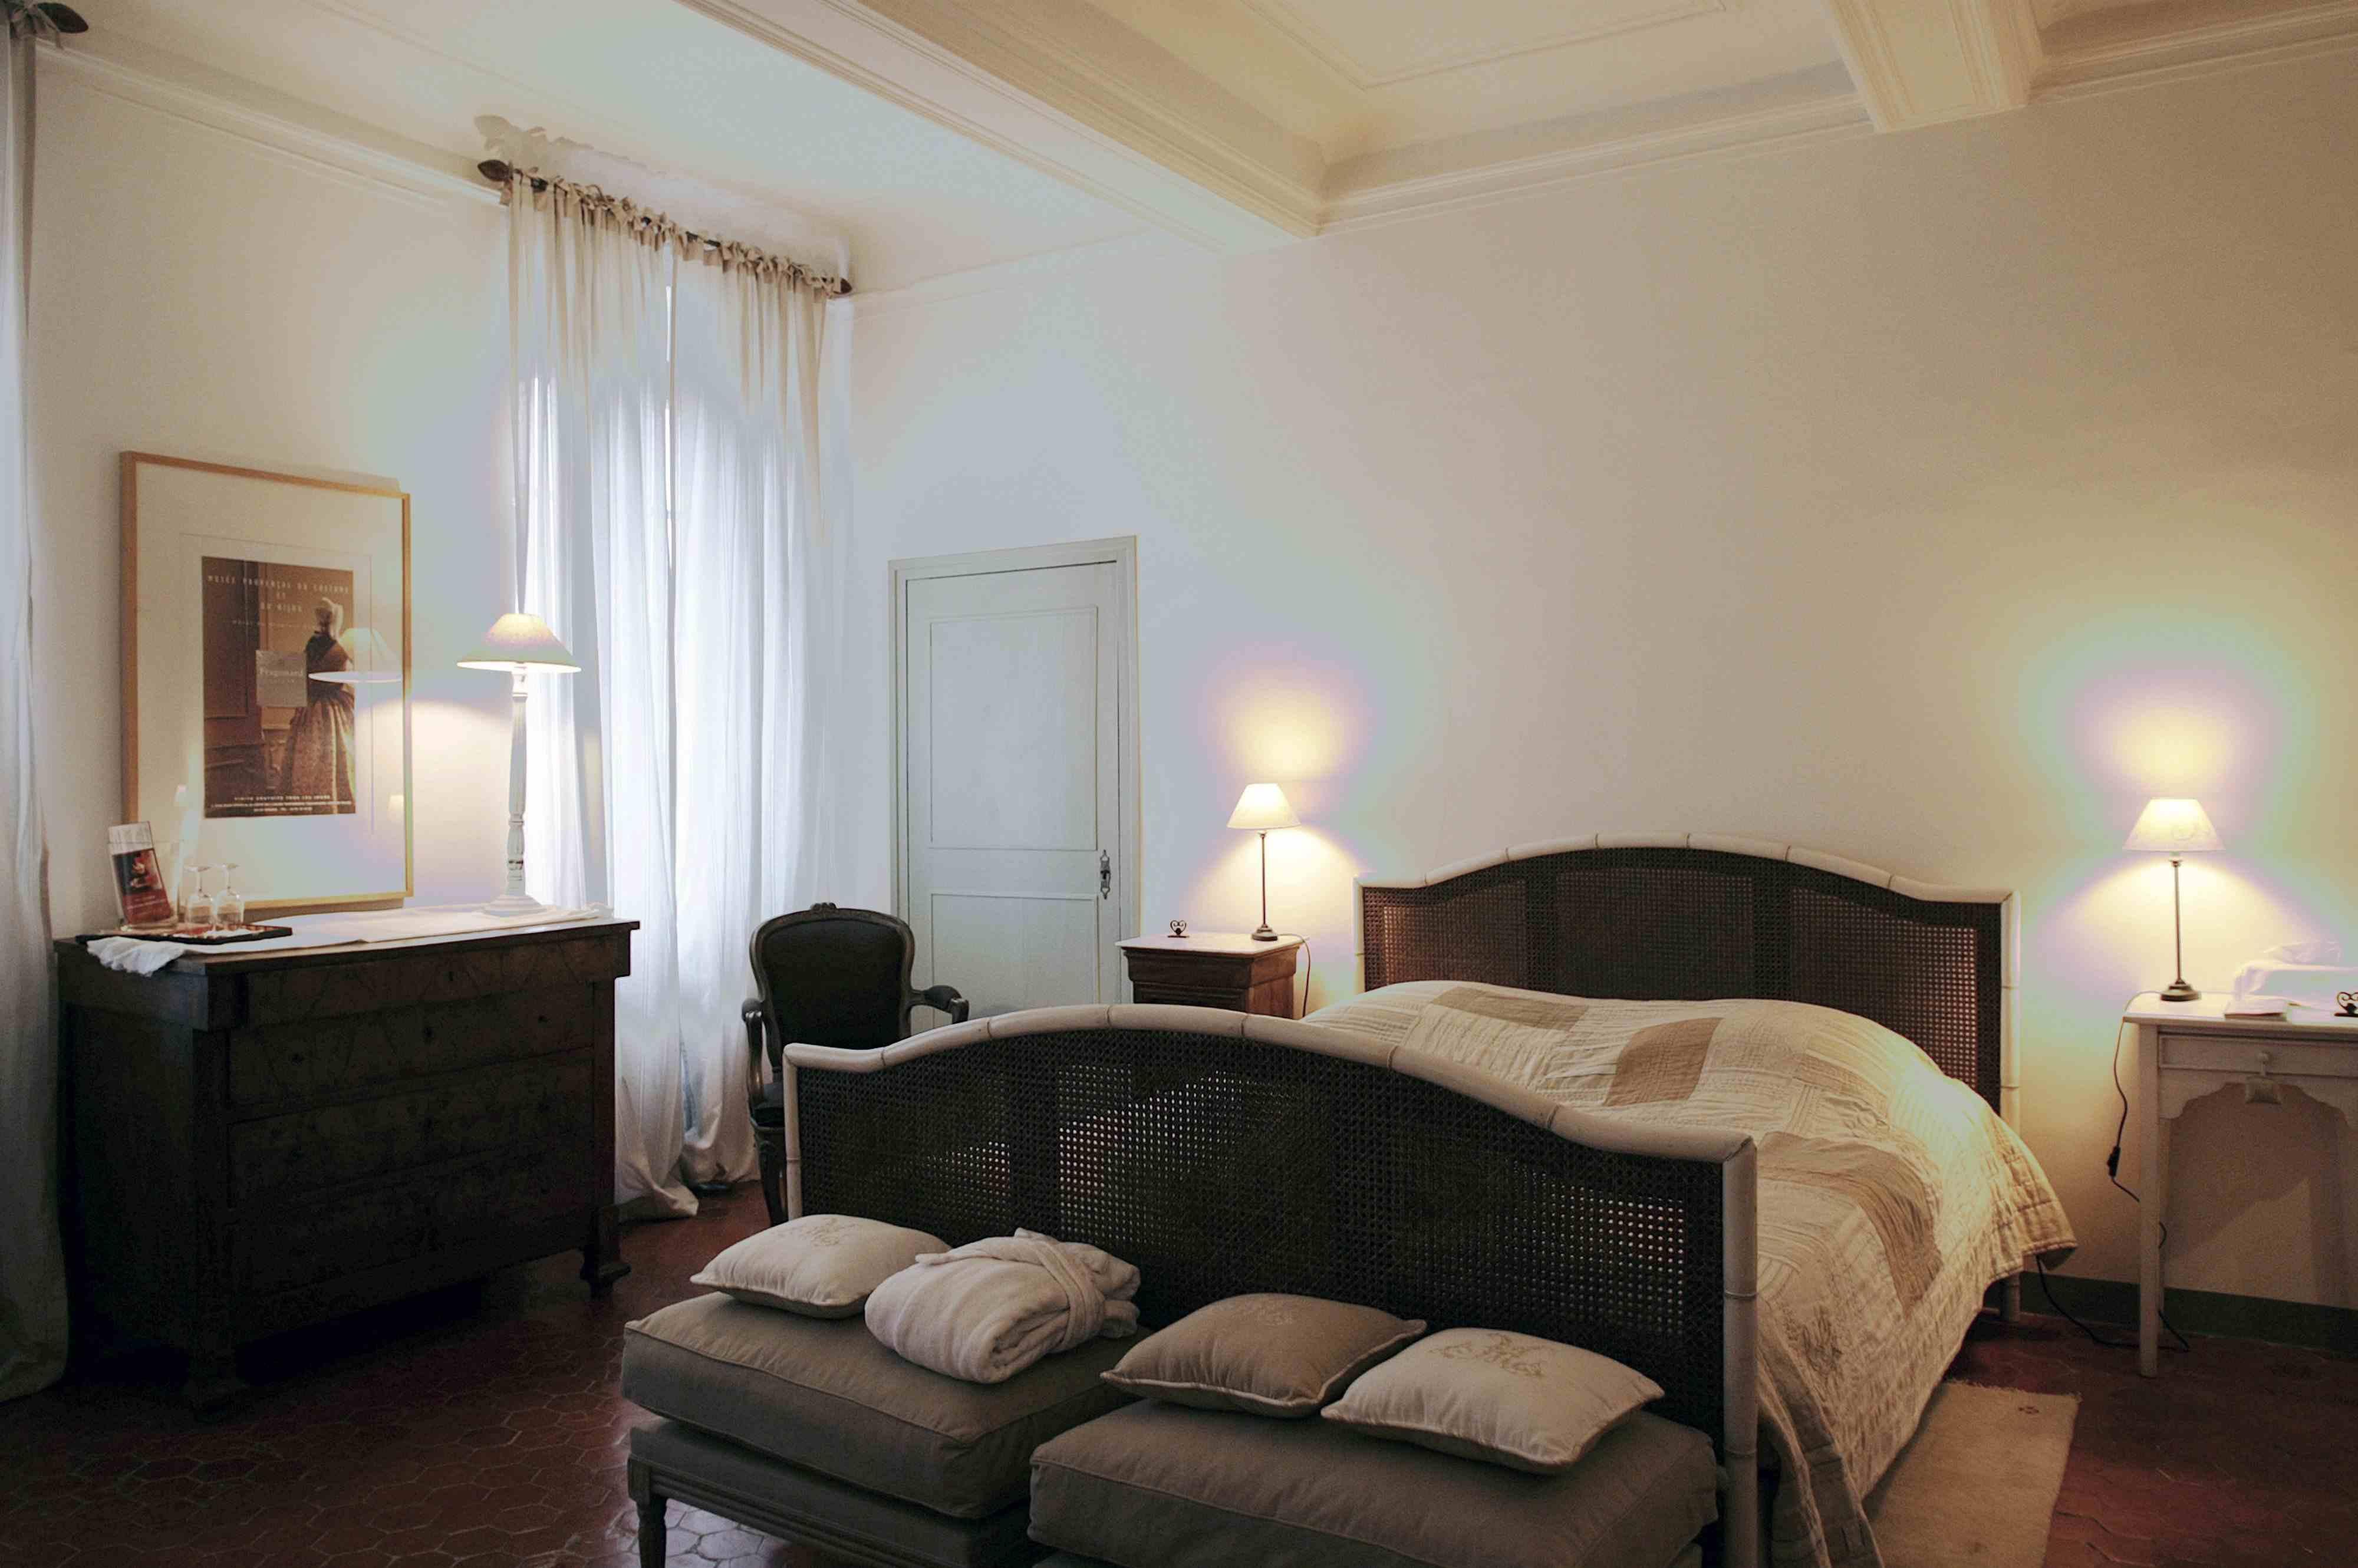 Villa De Lorgues Chambre D'Hote De Charme. Jardin Et Spa pour Rentabilité Chambre D Hote